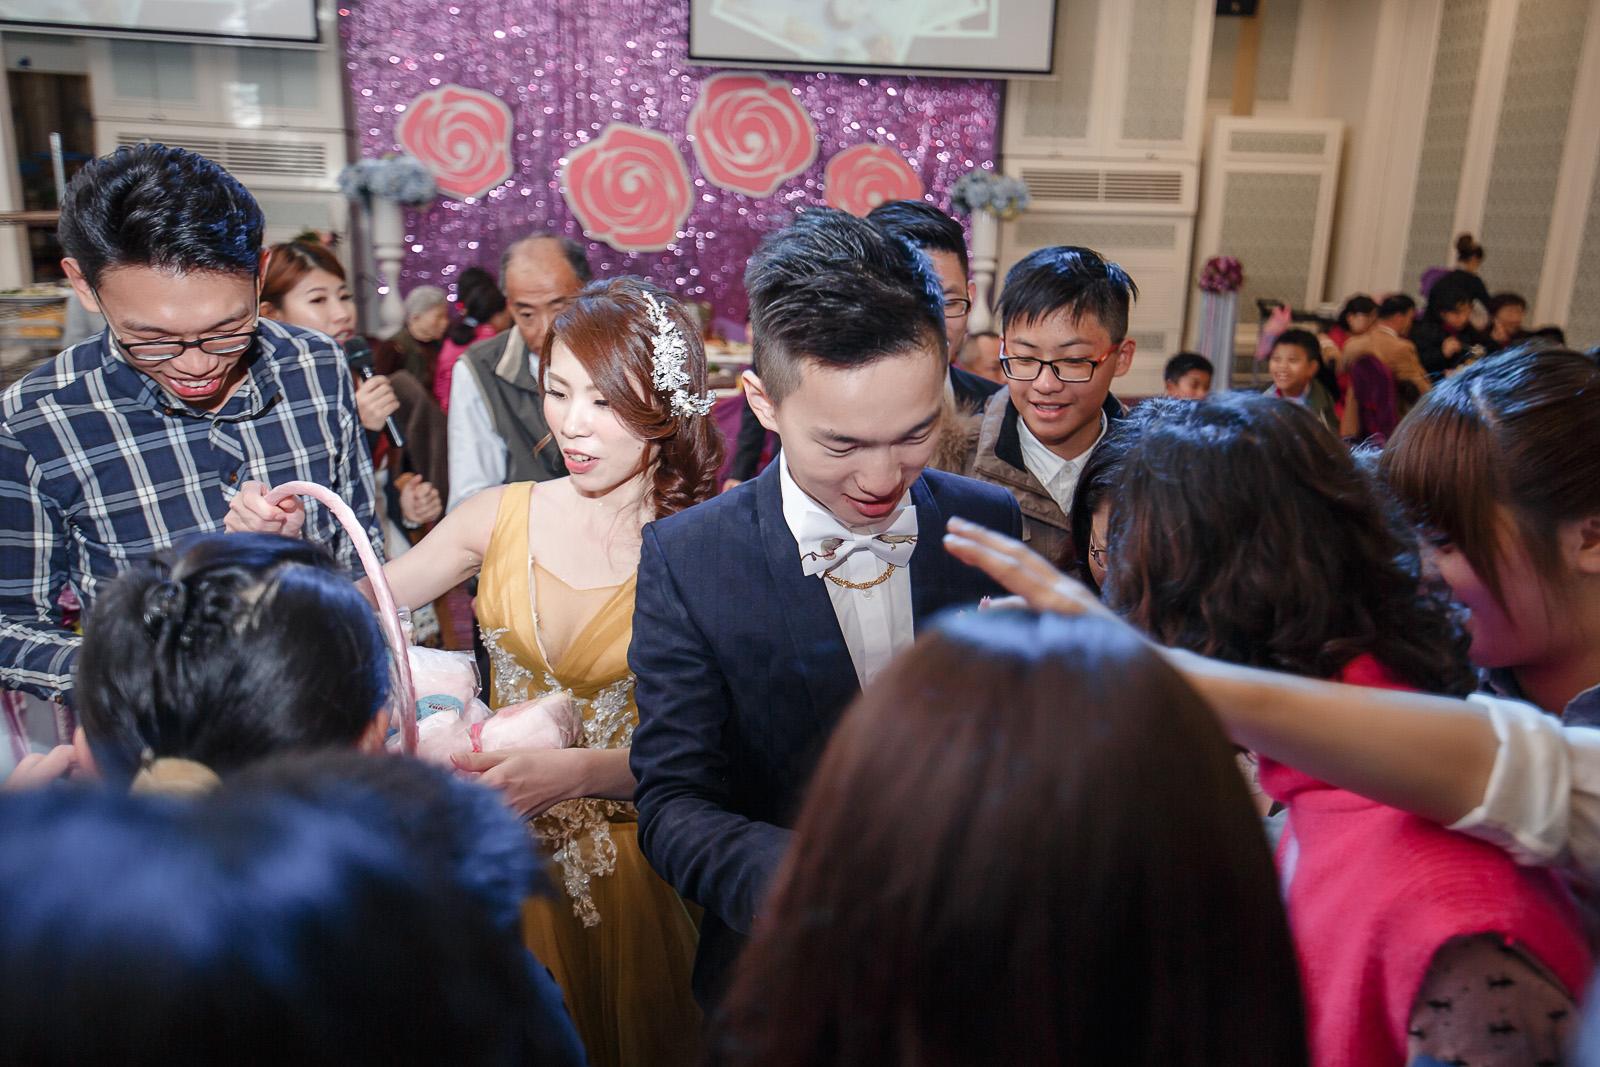 高雄圓山飯店,婚禮攝影,婚攝,高雄婚攝,優質婚攝推薦,Jen&Ethan-321